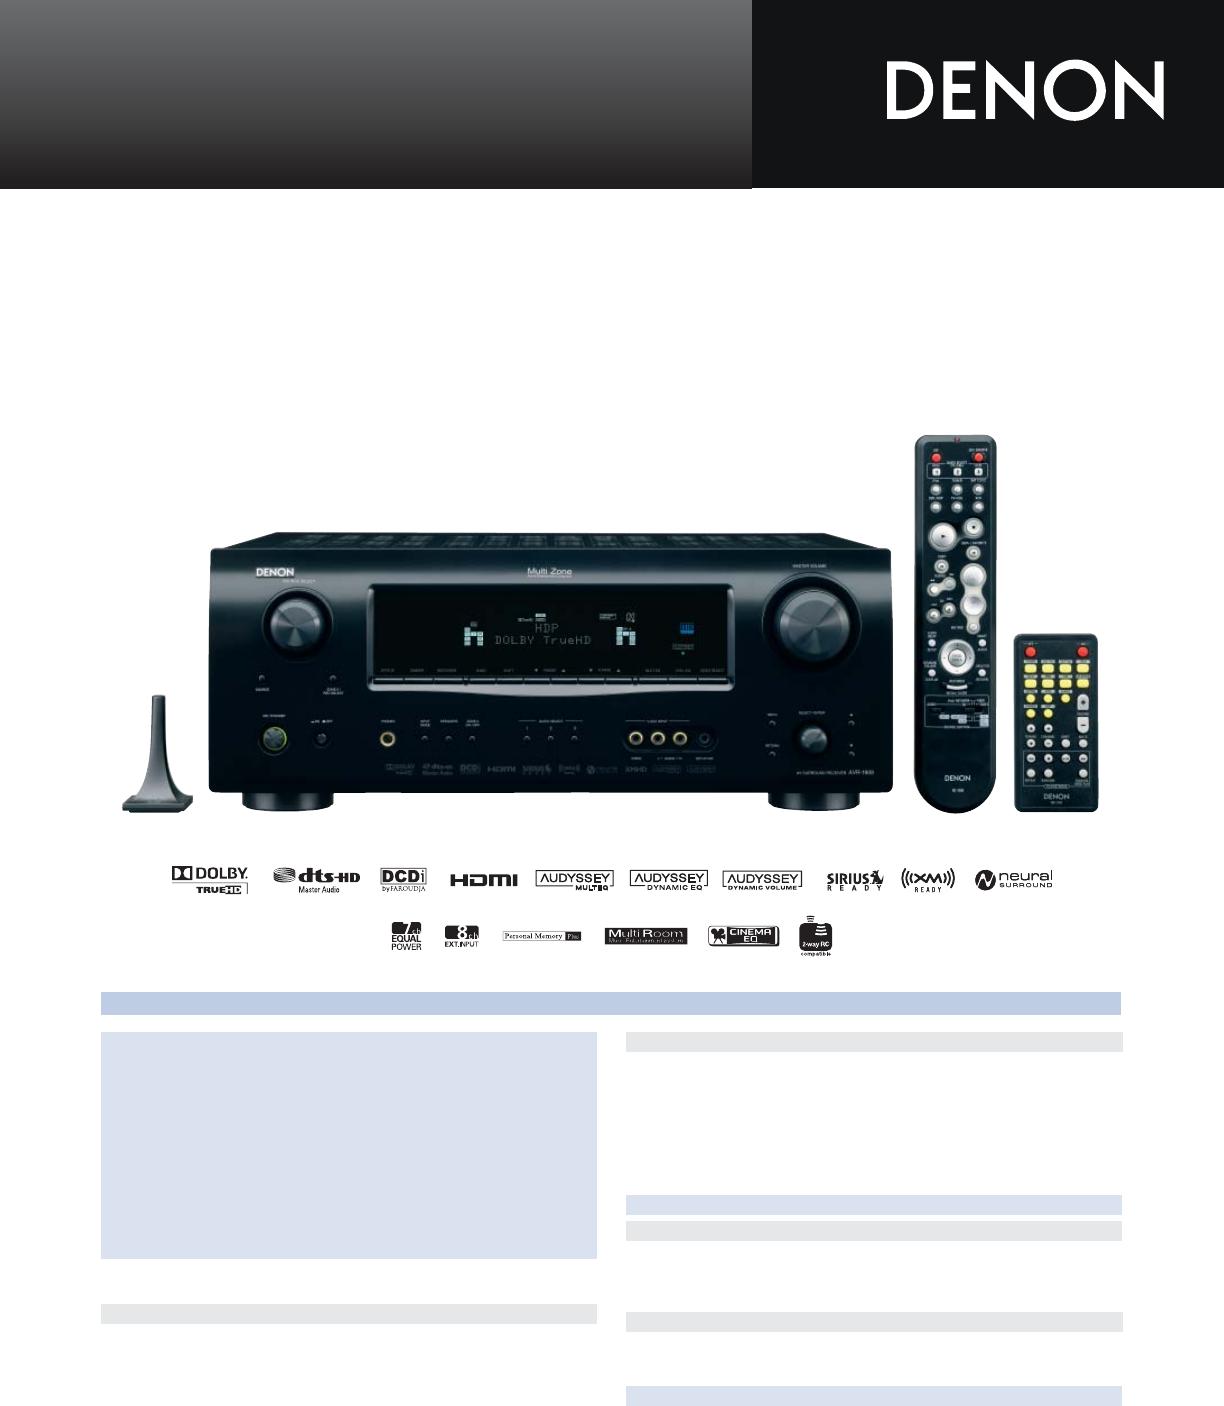 denon stereo system avr 1909 user guide manualsonline com rh audio manualsonline com denon avr-1909 service manual denon avr-1909 service manual